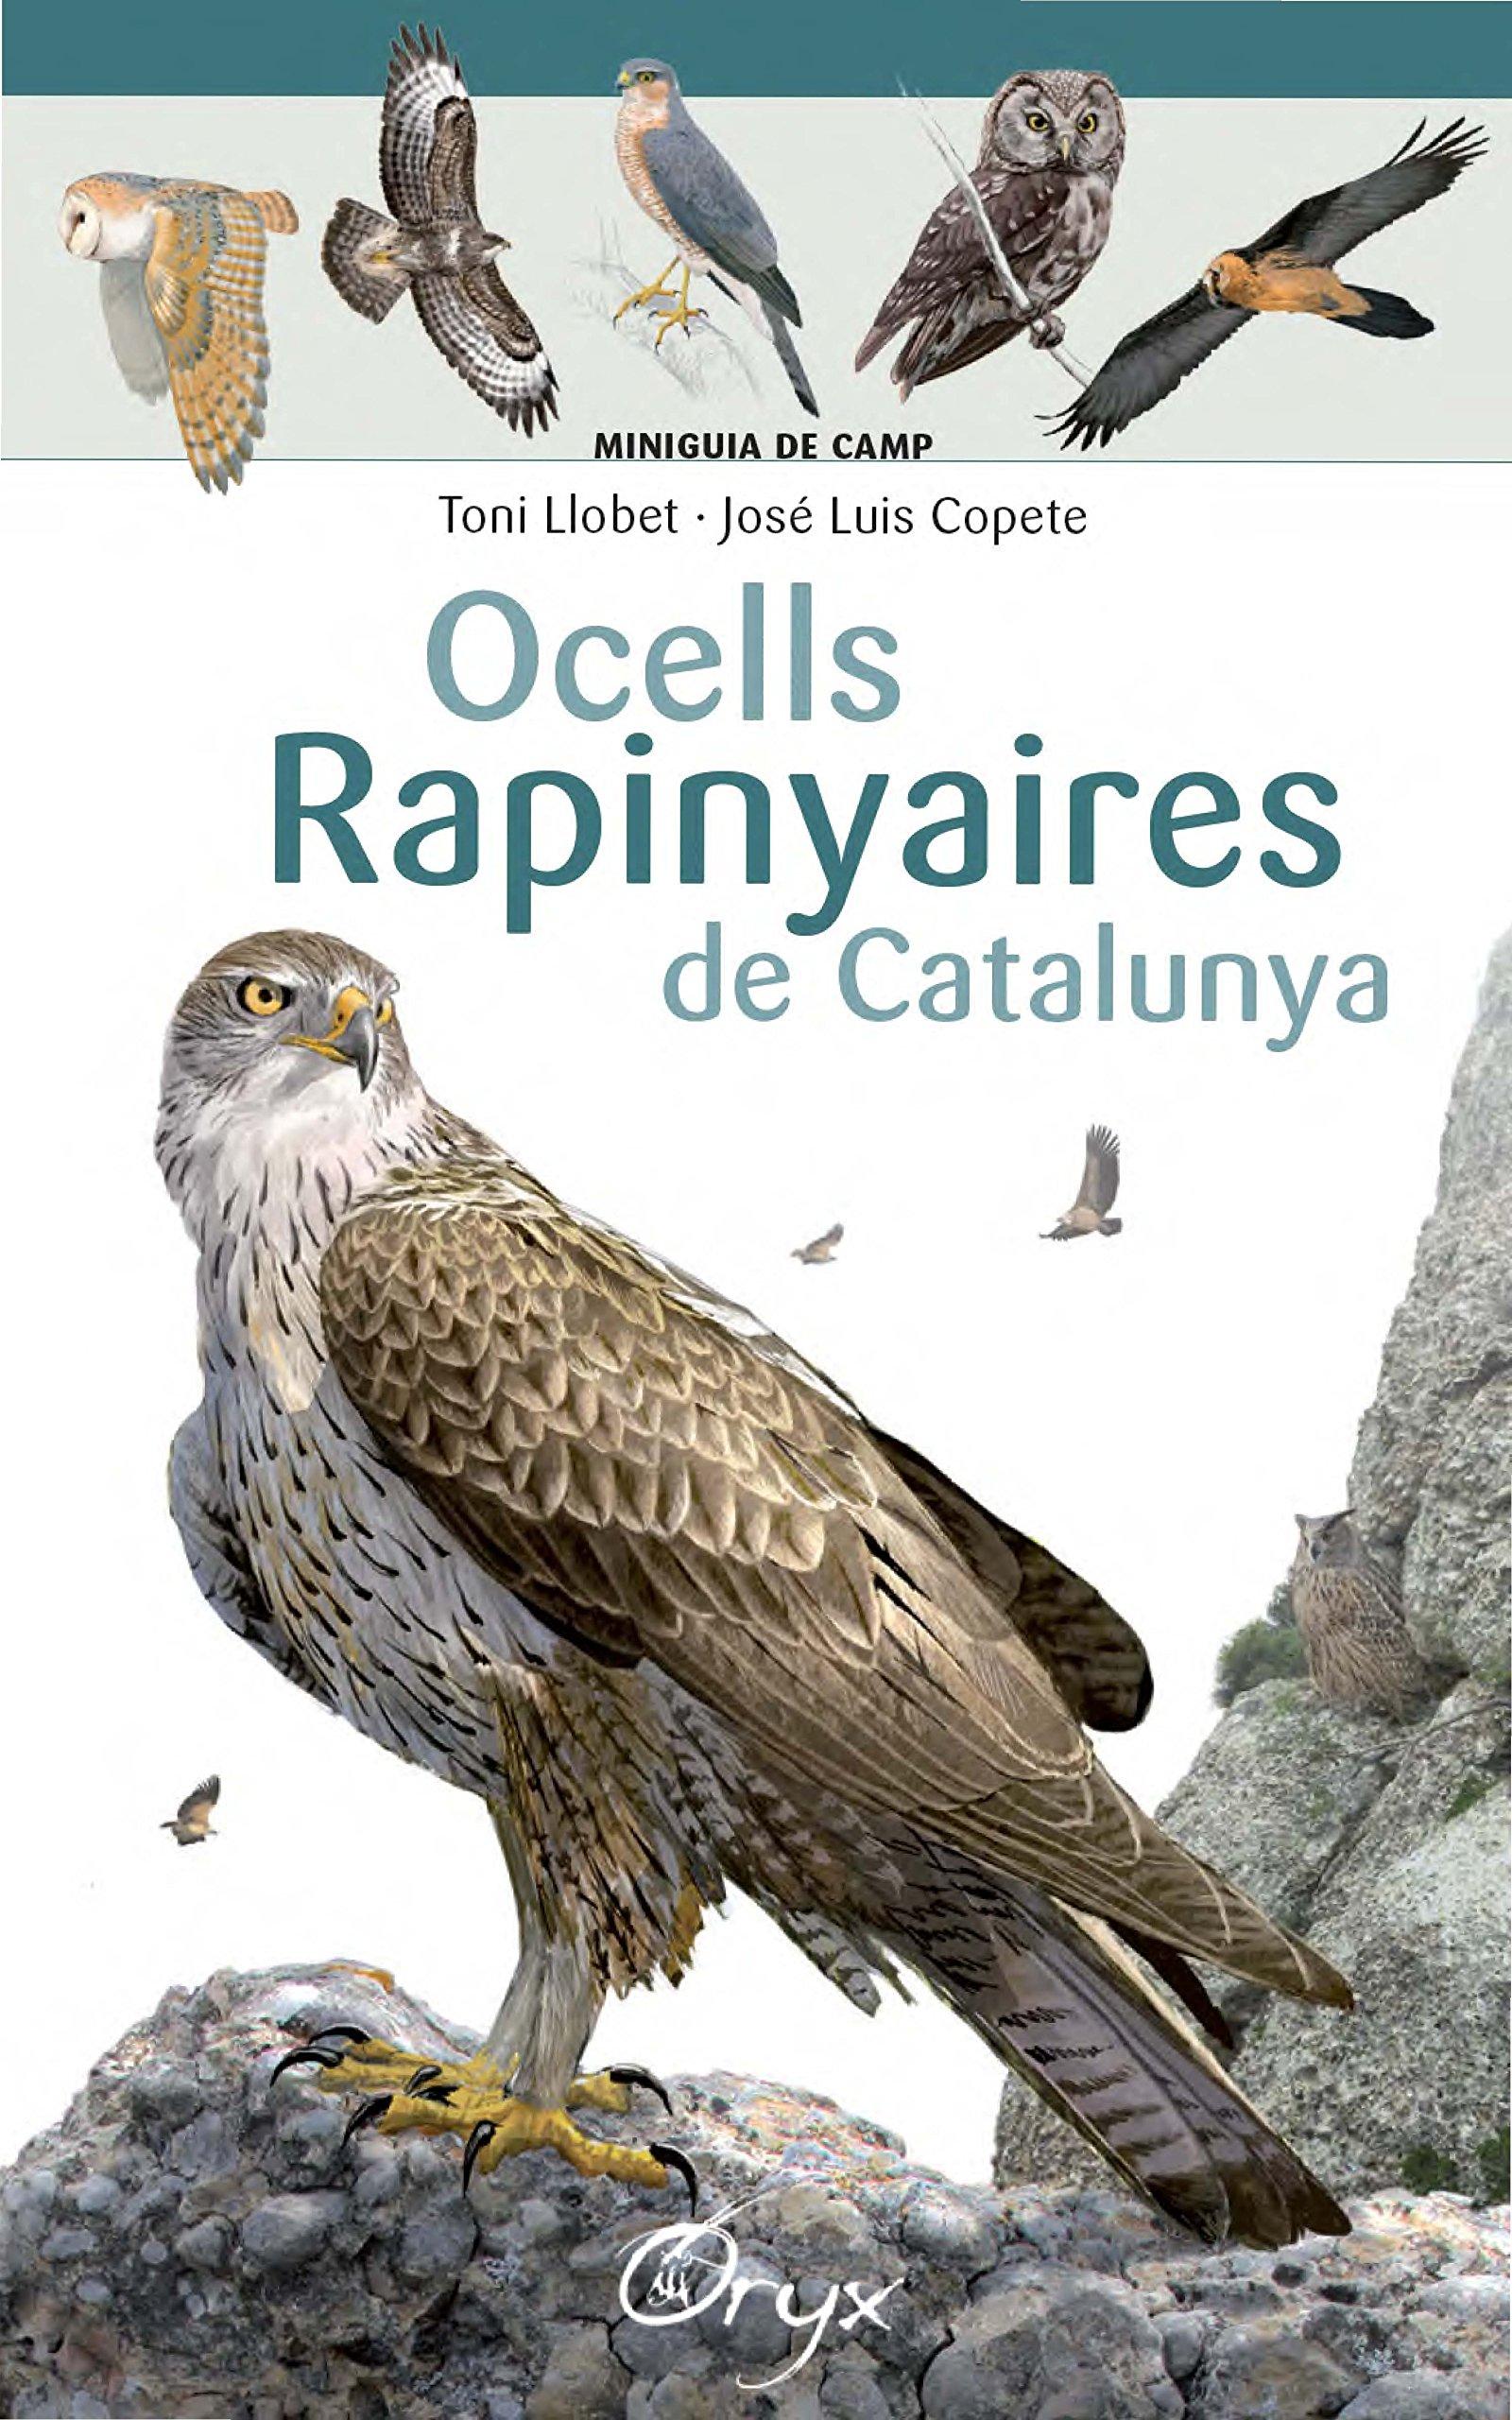 Ocells Rapinyaires De Catalunya (Miniguia de camp): Amazon.es: Llobet François, Toni, Copete, José Luis: Libros